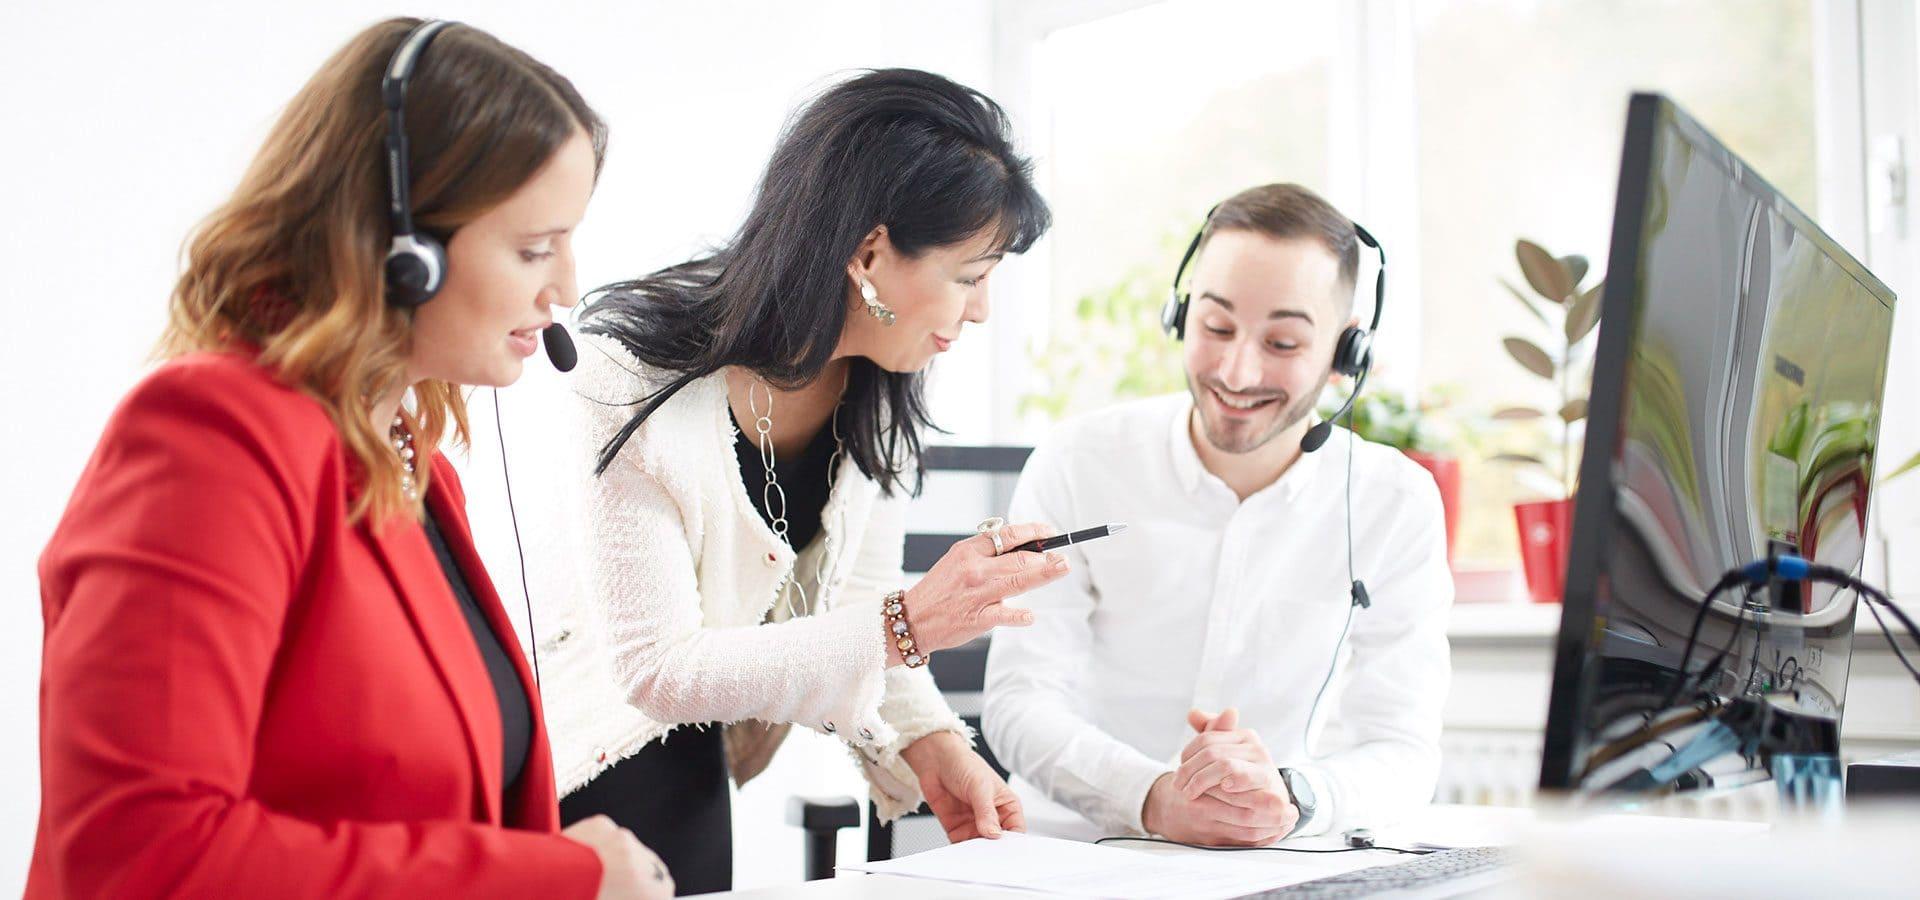 Michaela Velz-Tittjung Vertriebscoaching für Kunden und Mitarbeiter SAY Sales Agency